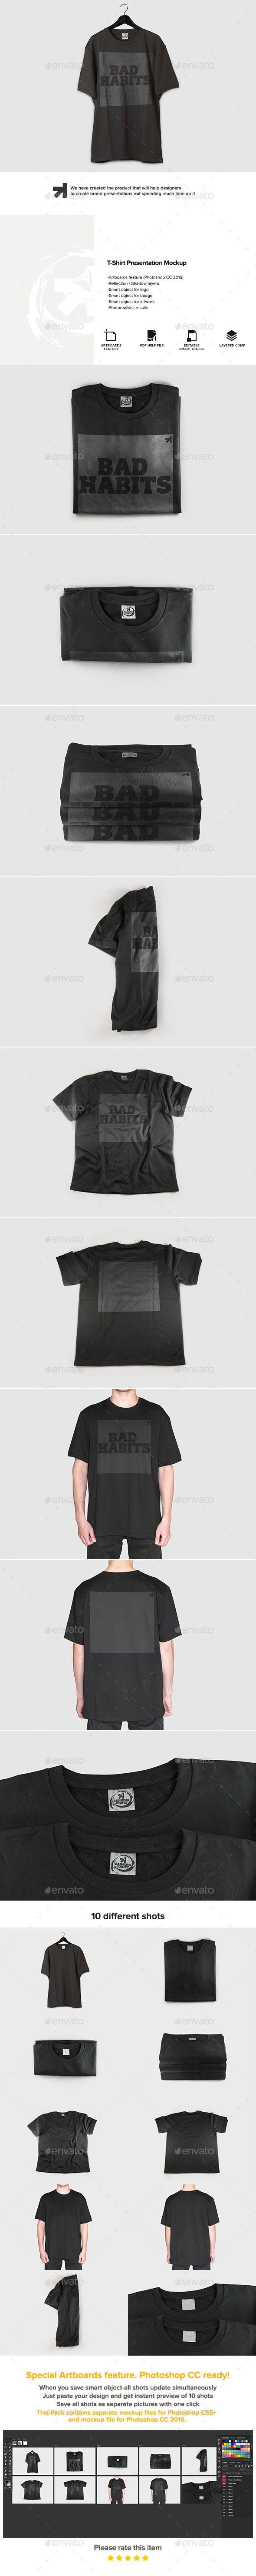 Black T Shirt Template Psd Download Lauren Goss